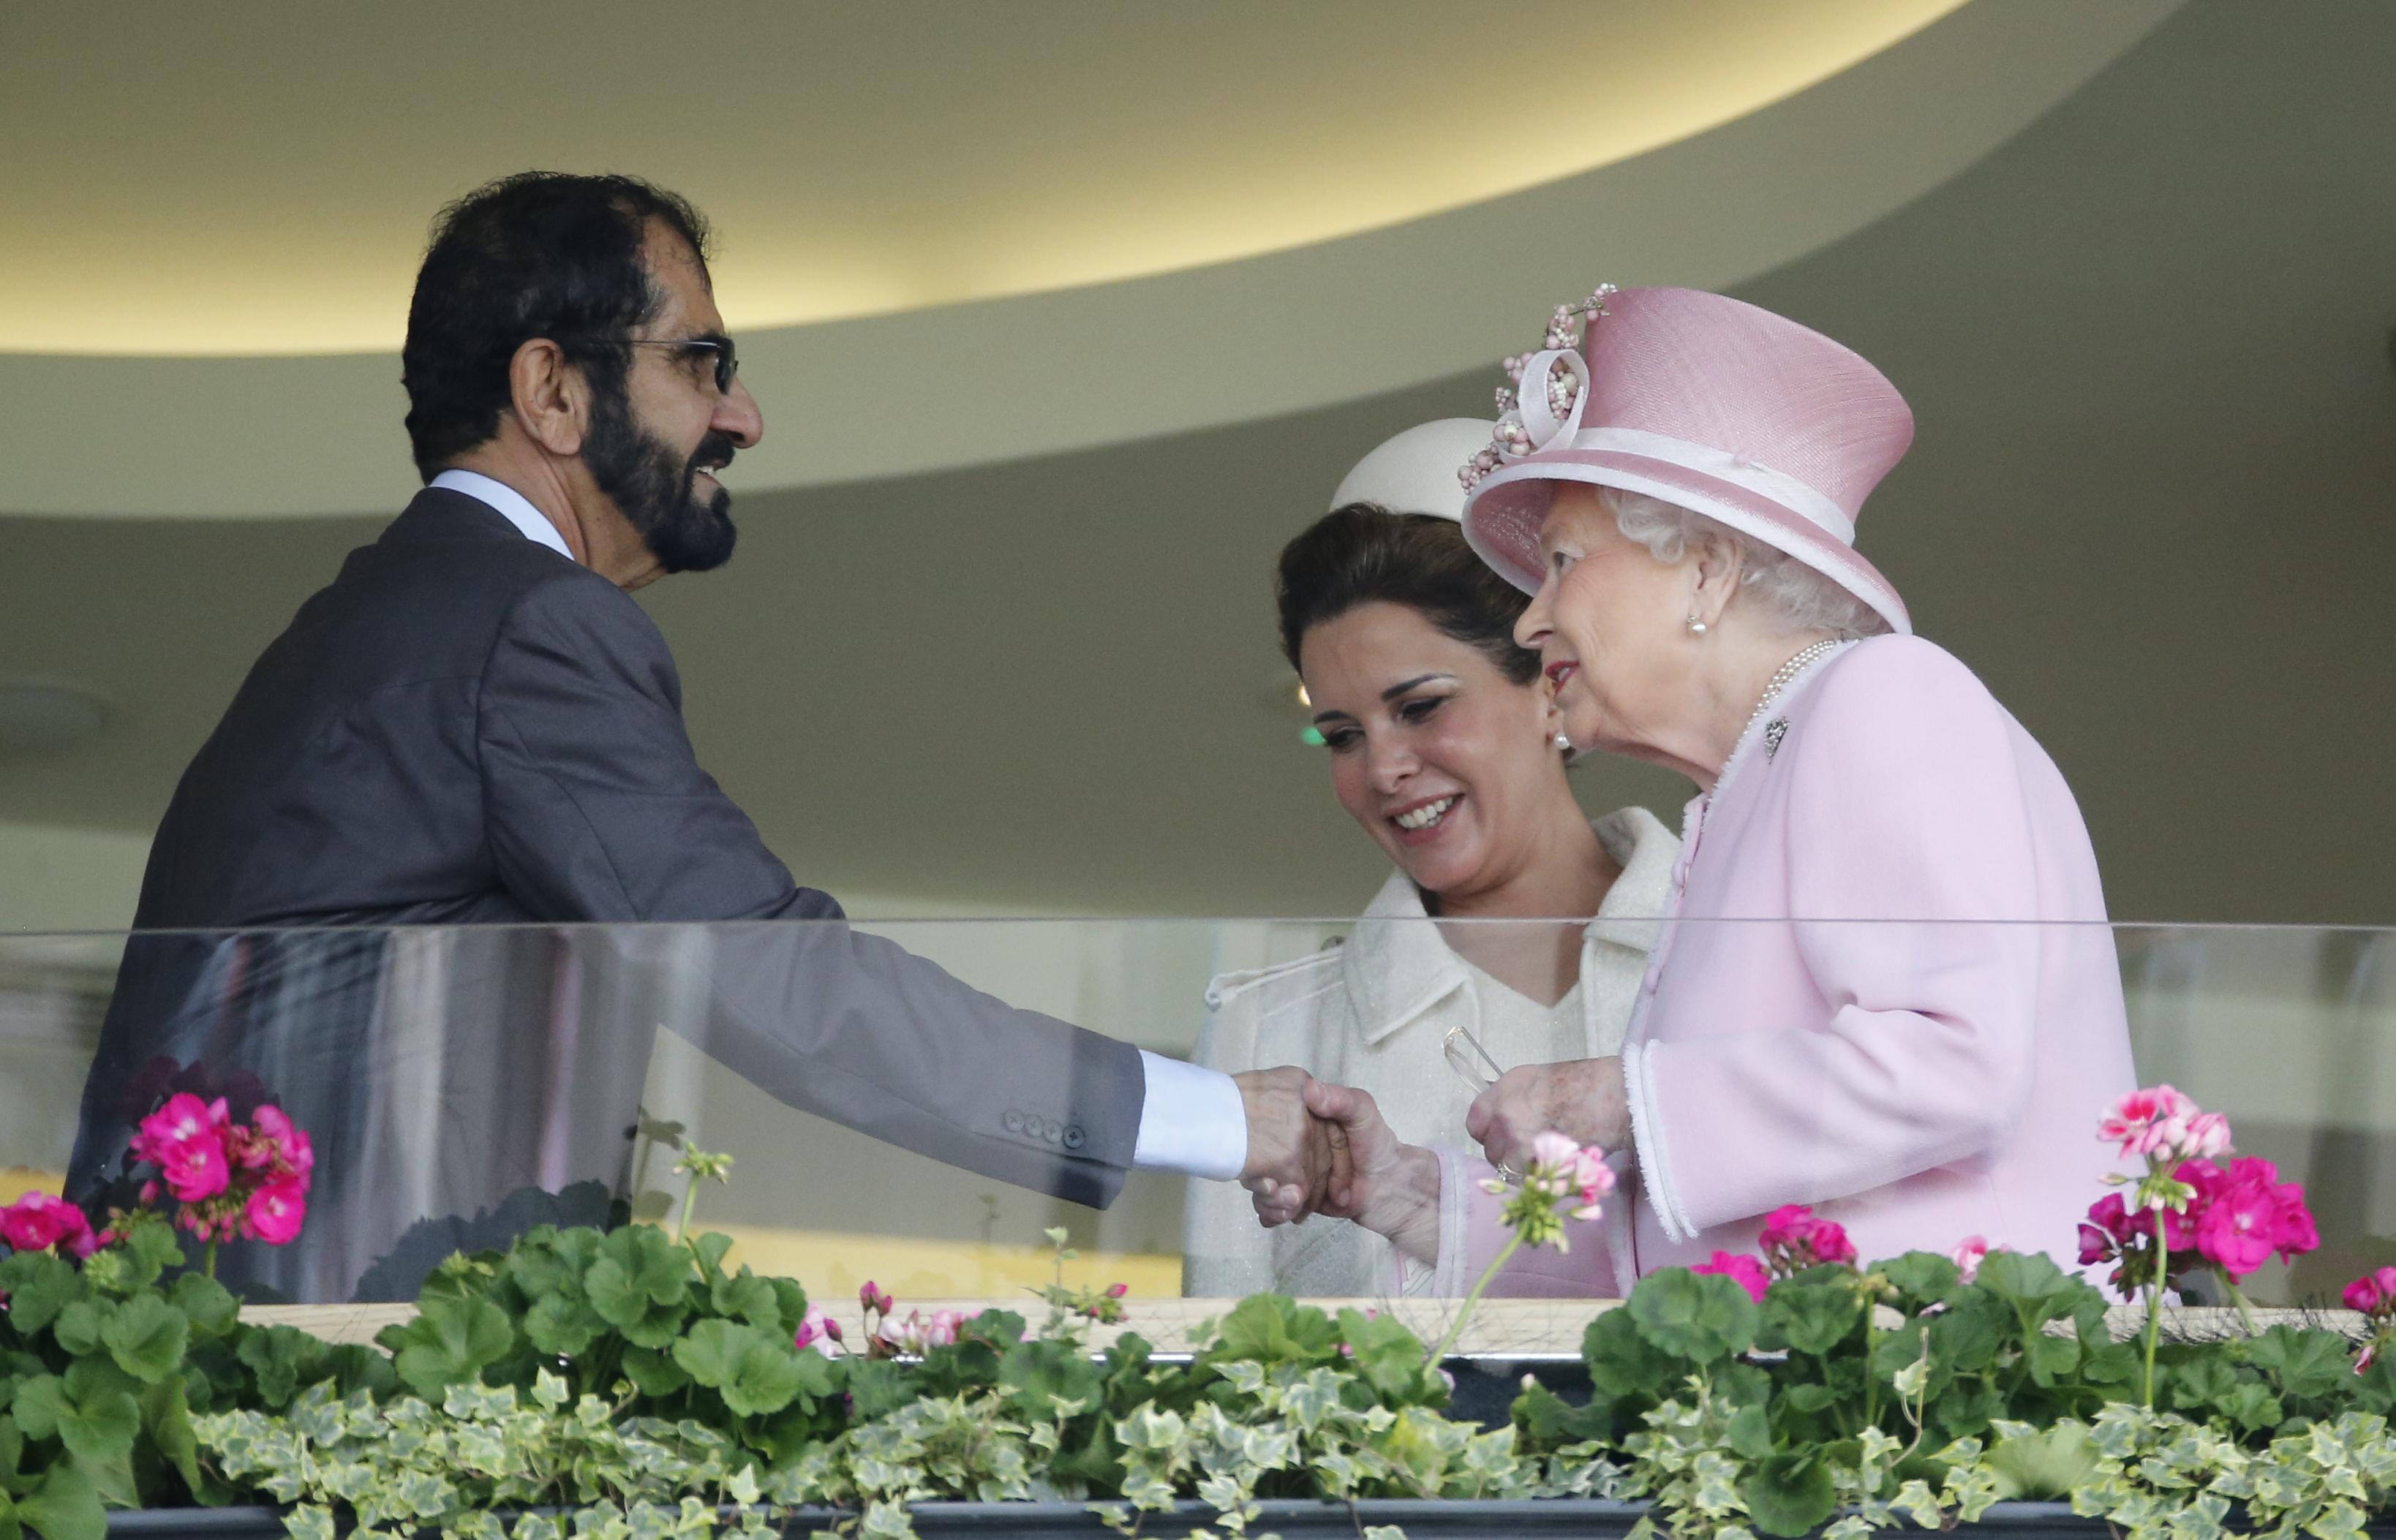 Haya junto a su esposo y la reina Elizabeth II durante el segundo día de las carreras de caballos Royal Ascot en Ascot, Inglaterra, en 2016. (Archivo)